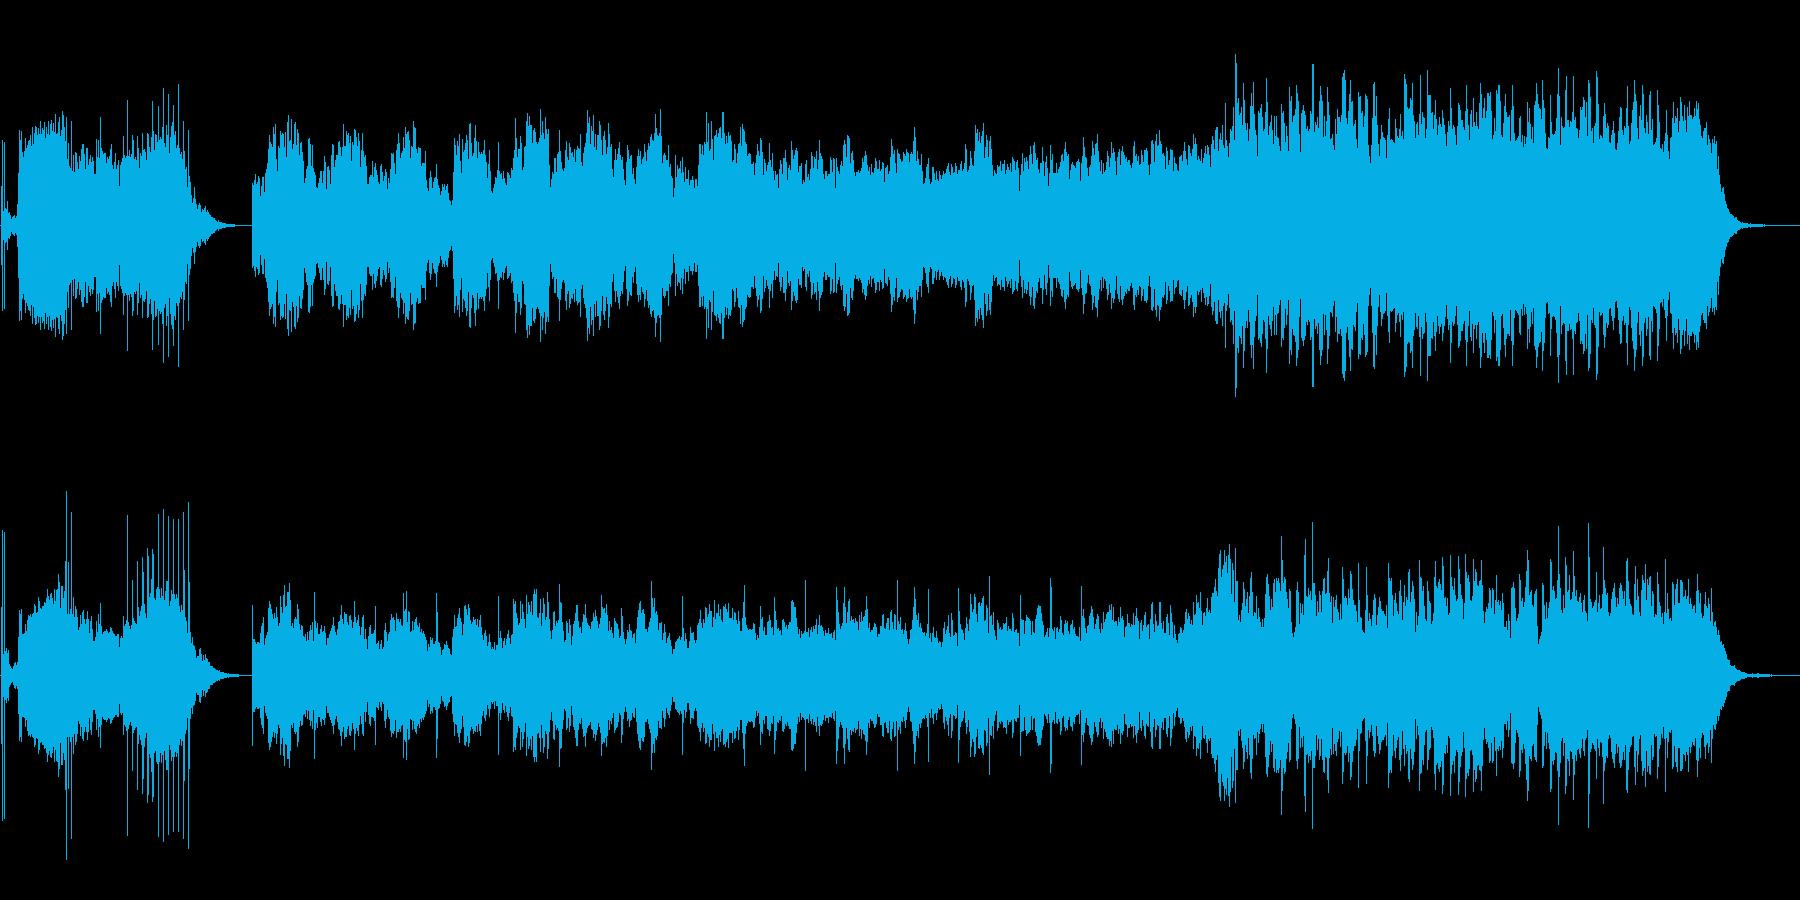 幻想的な和風楽曲の再生済みの波形